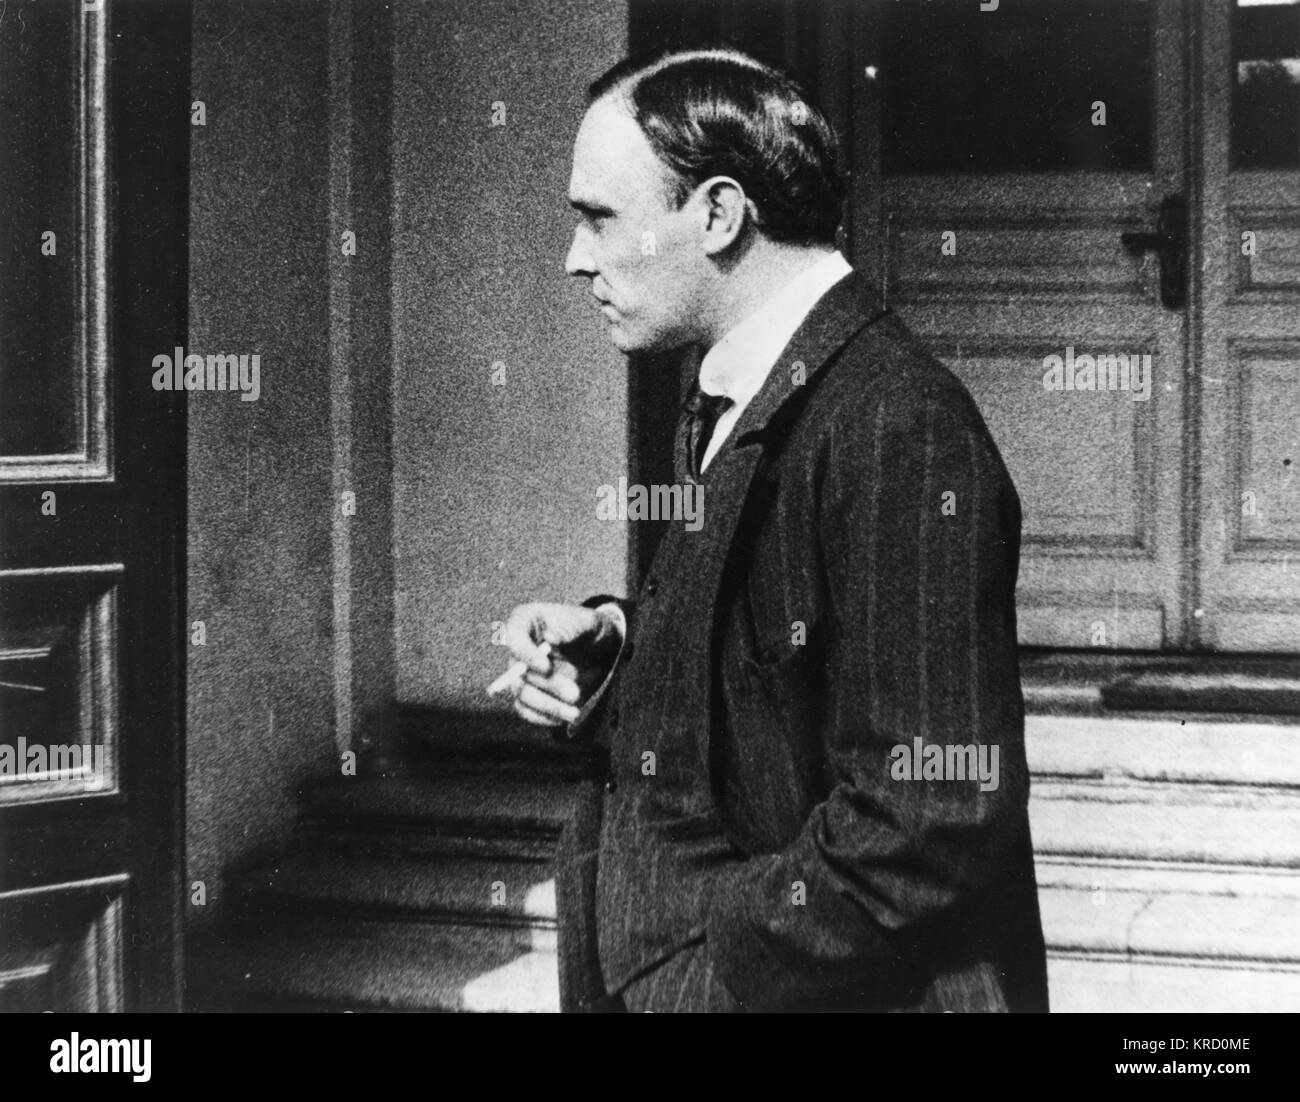 Tereschenko Michail Iwanowitsch, russischer Politiker und Finanzier, hier im August 1917 gesehen. In diesem JahrStockfoto